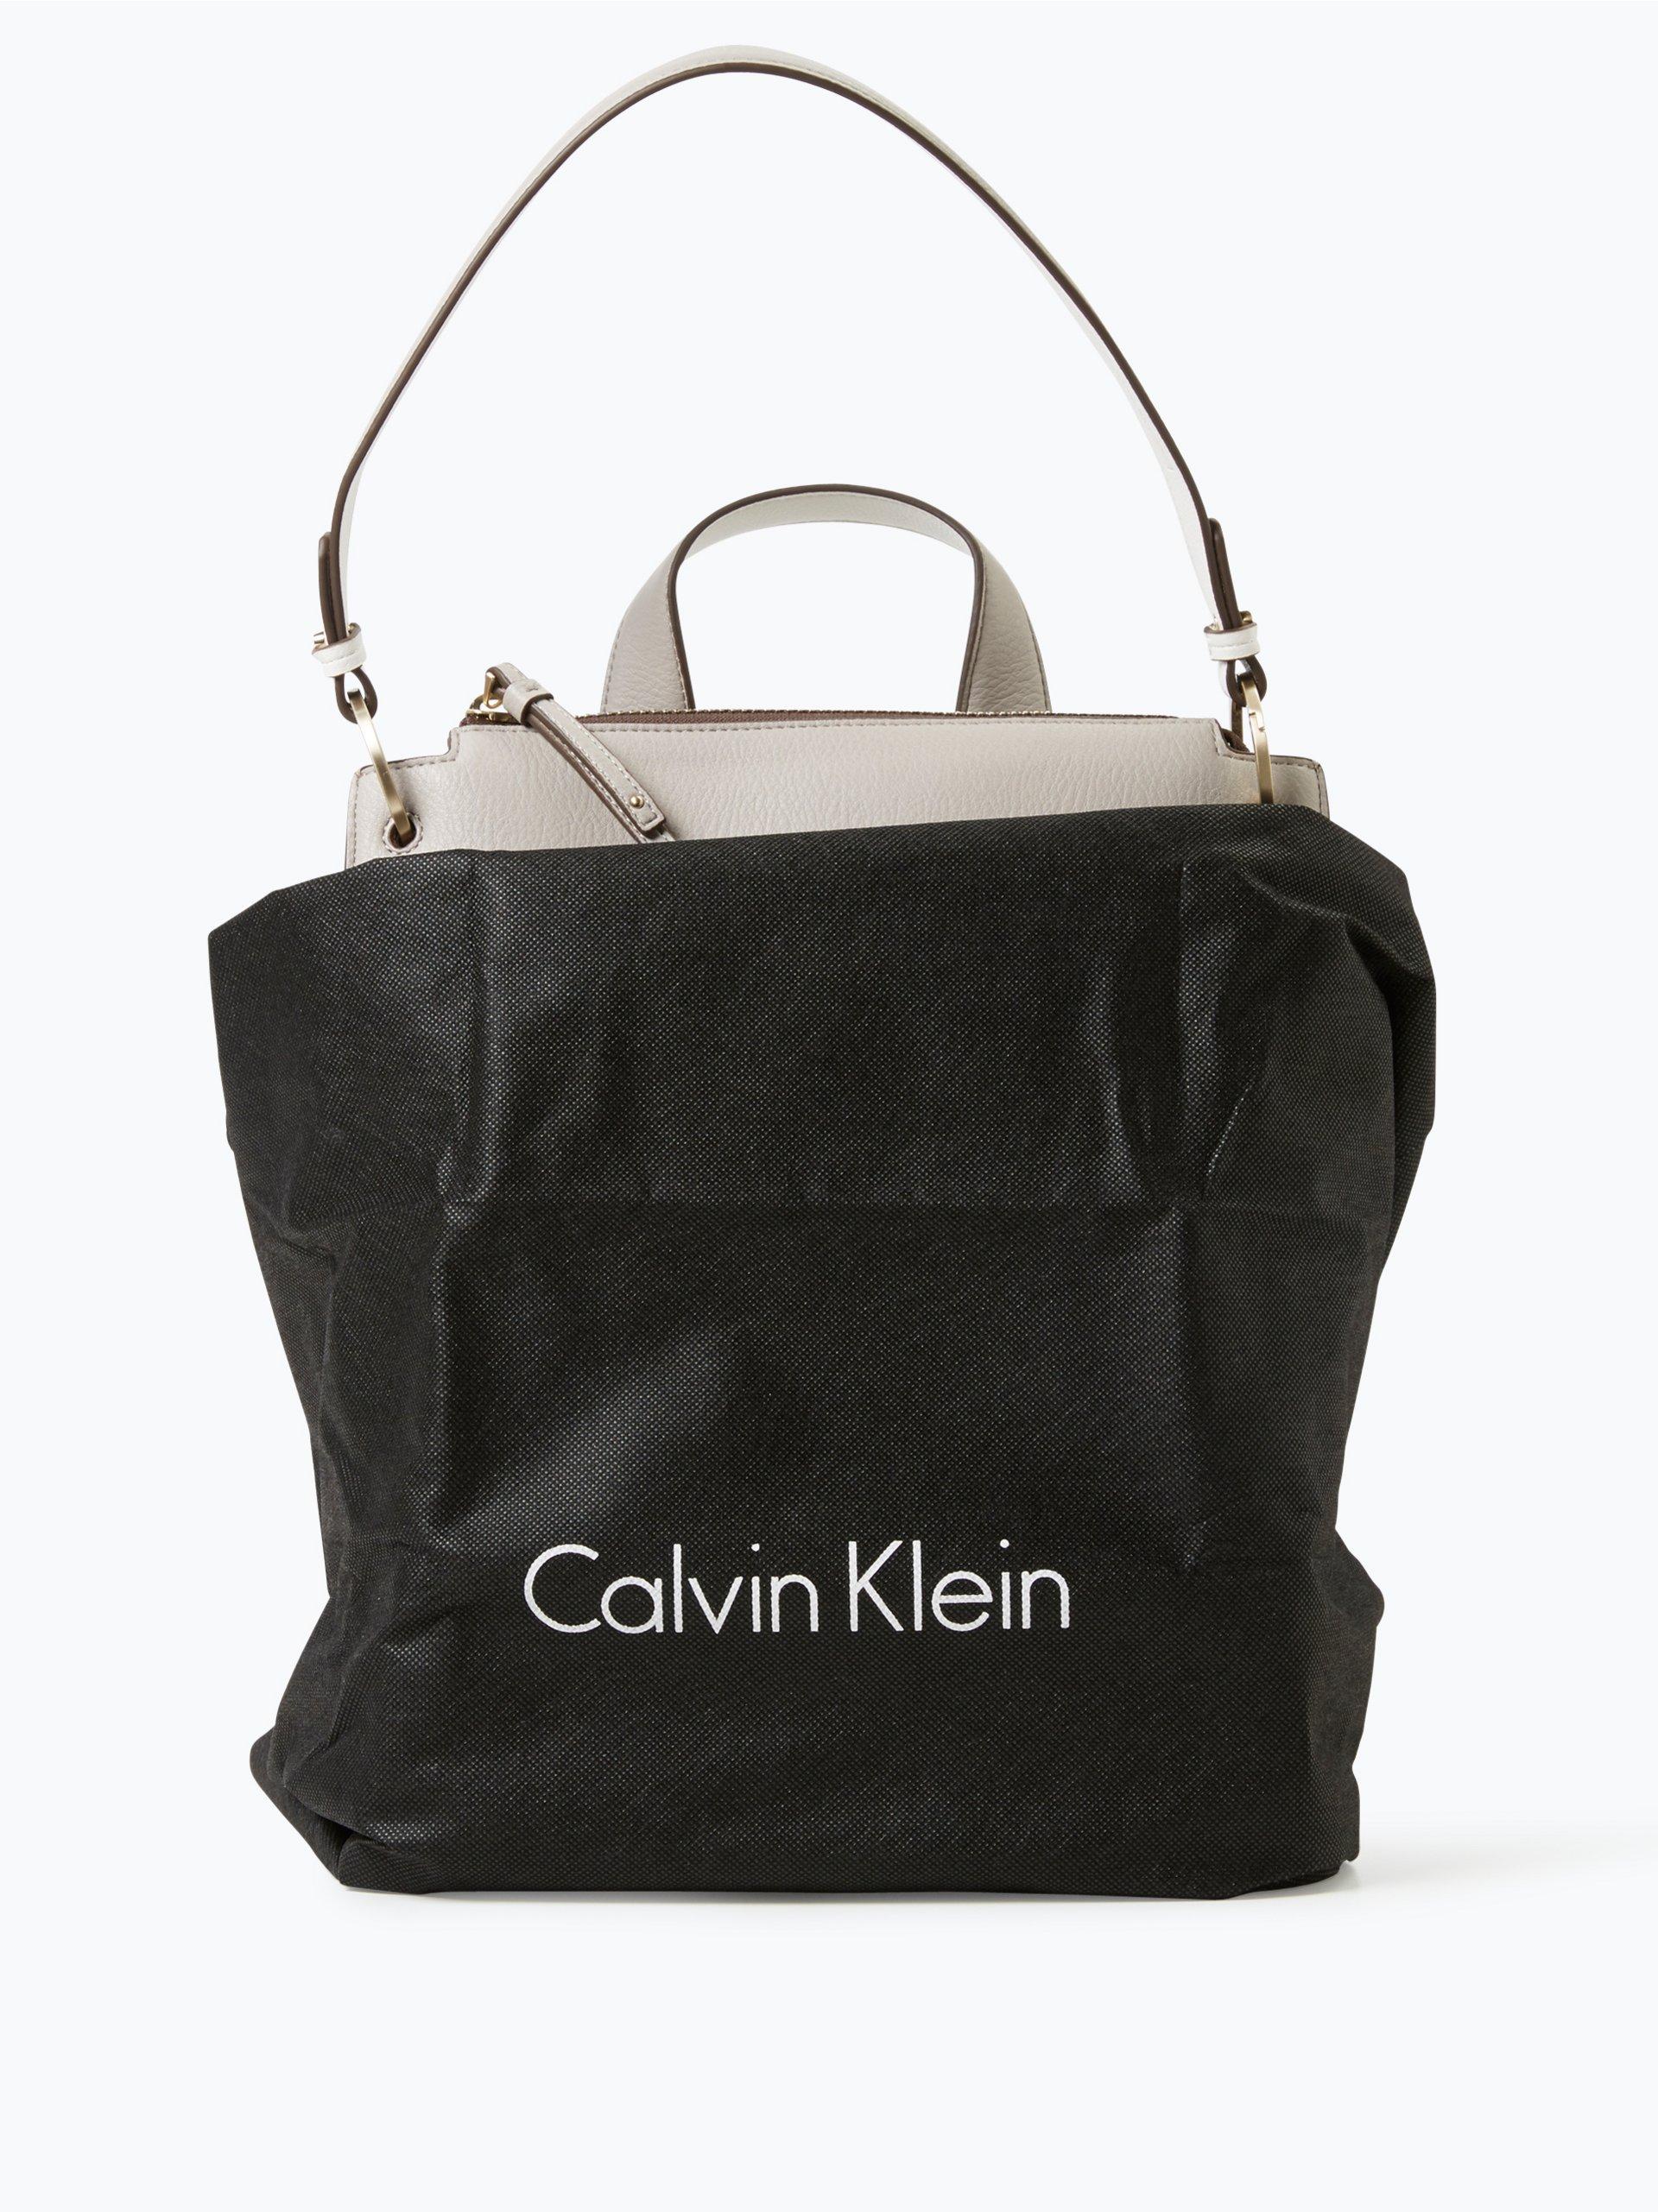 calvin klein damen rucksack in leder optik beige uni online kaufen vangraaf com. Black Bedroom Furniture Sets. Home Design Ideas